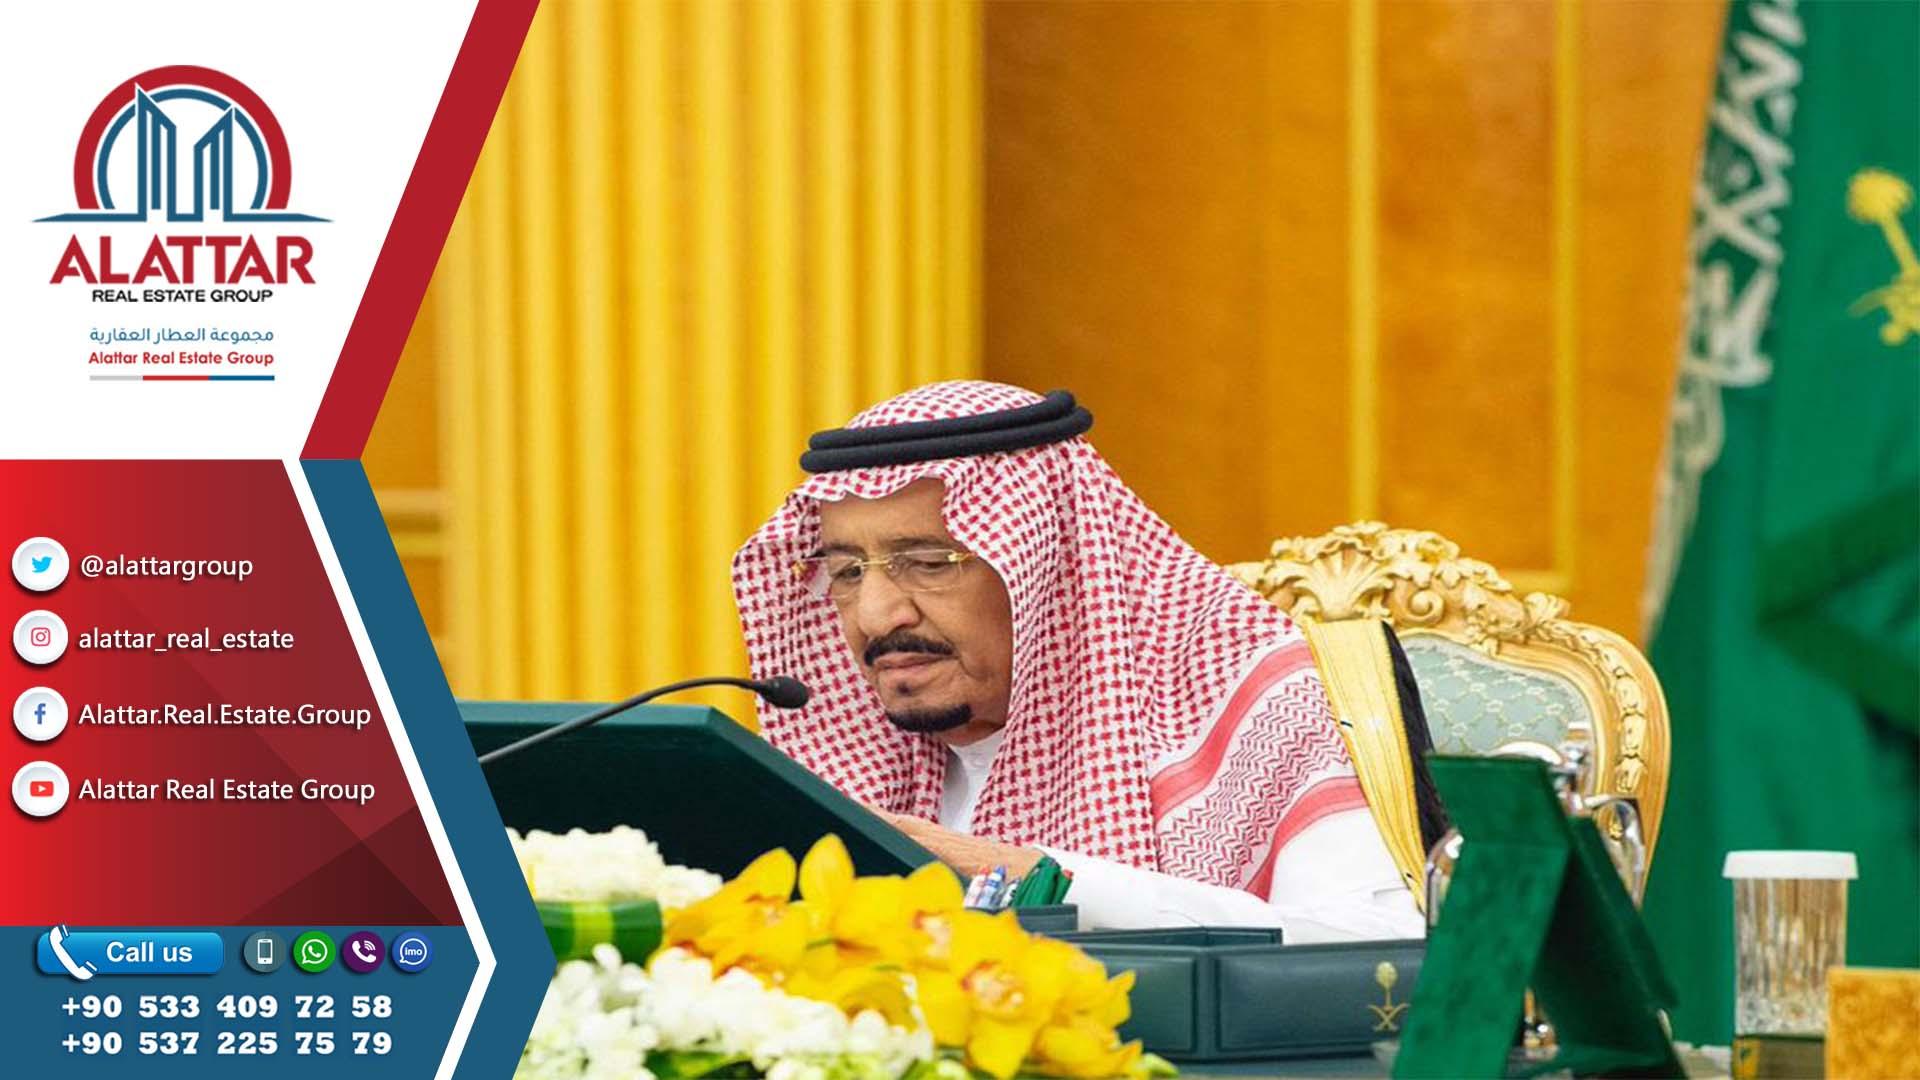 """السعودية : علاقاتنا مع تركيا """"طيبة ورائعة"""" ولا نقاطع منتجاتها"""